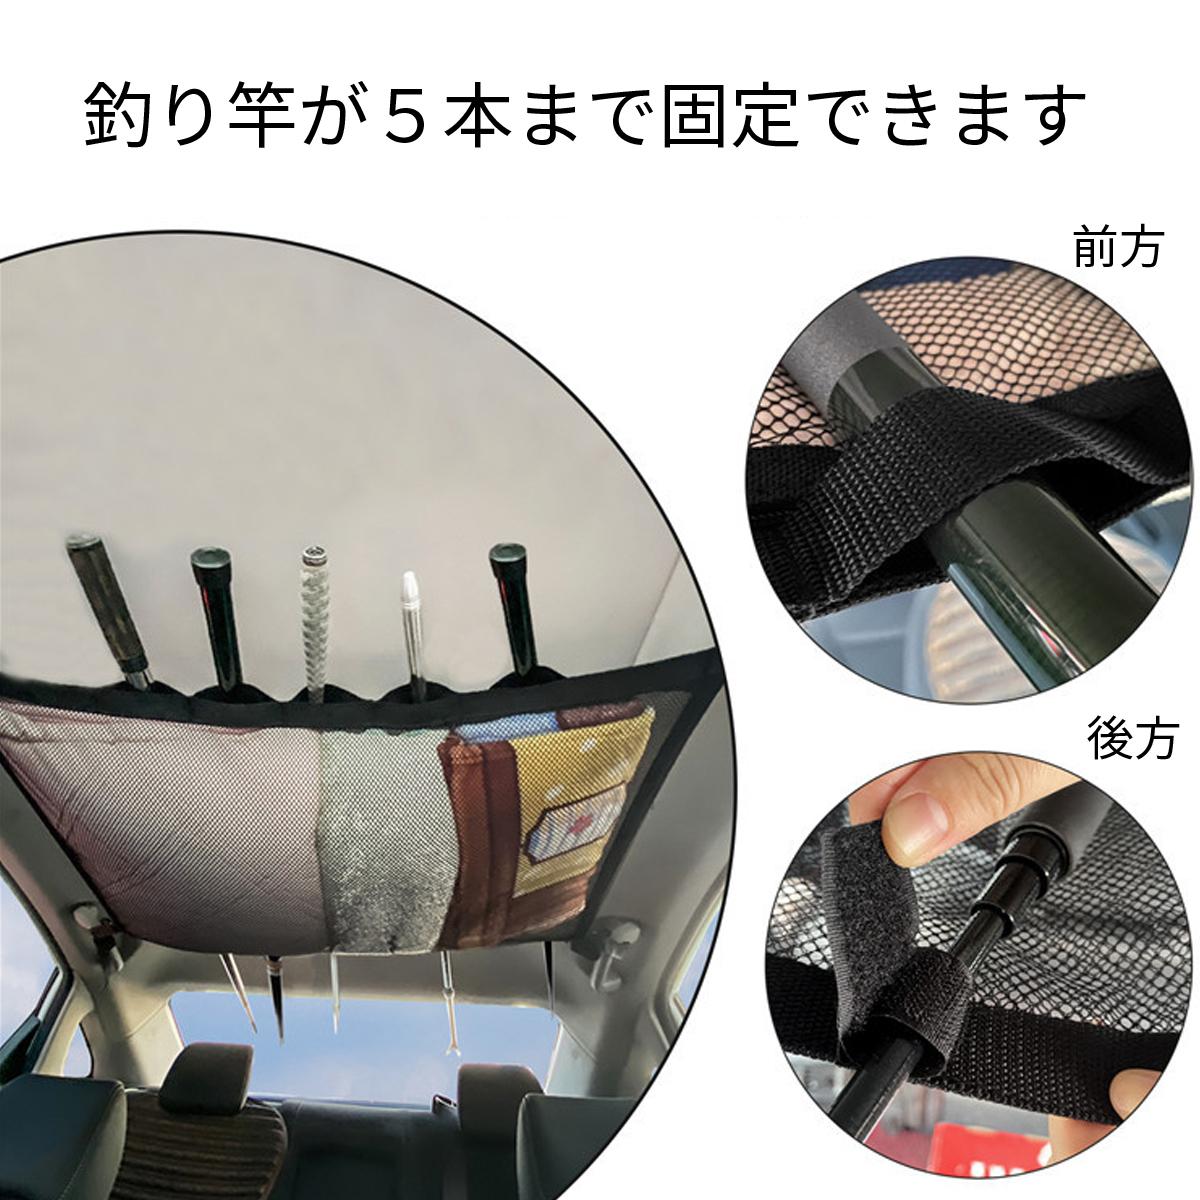 ロッドホルダー付き天井収納ネット 竿ホルダー